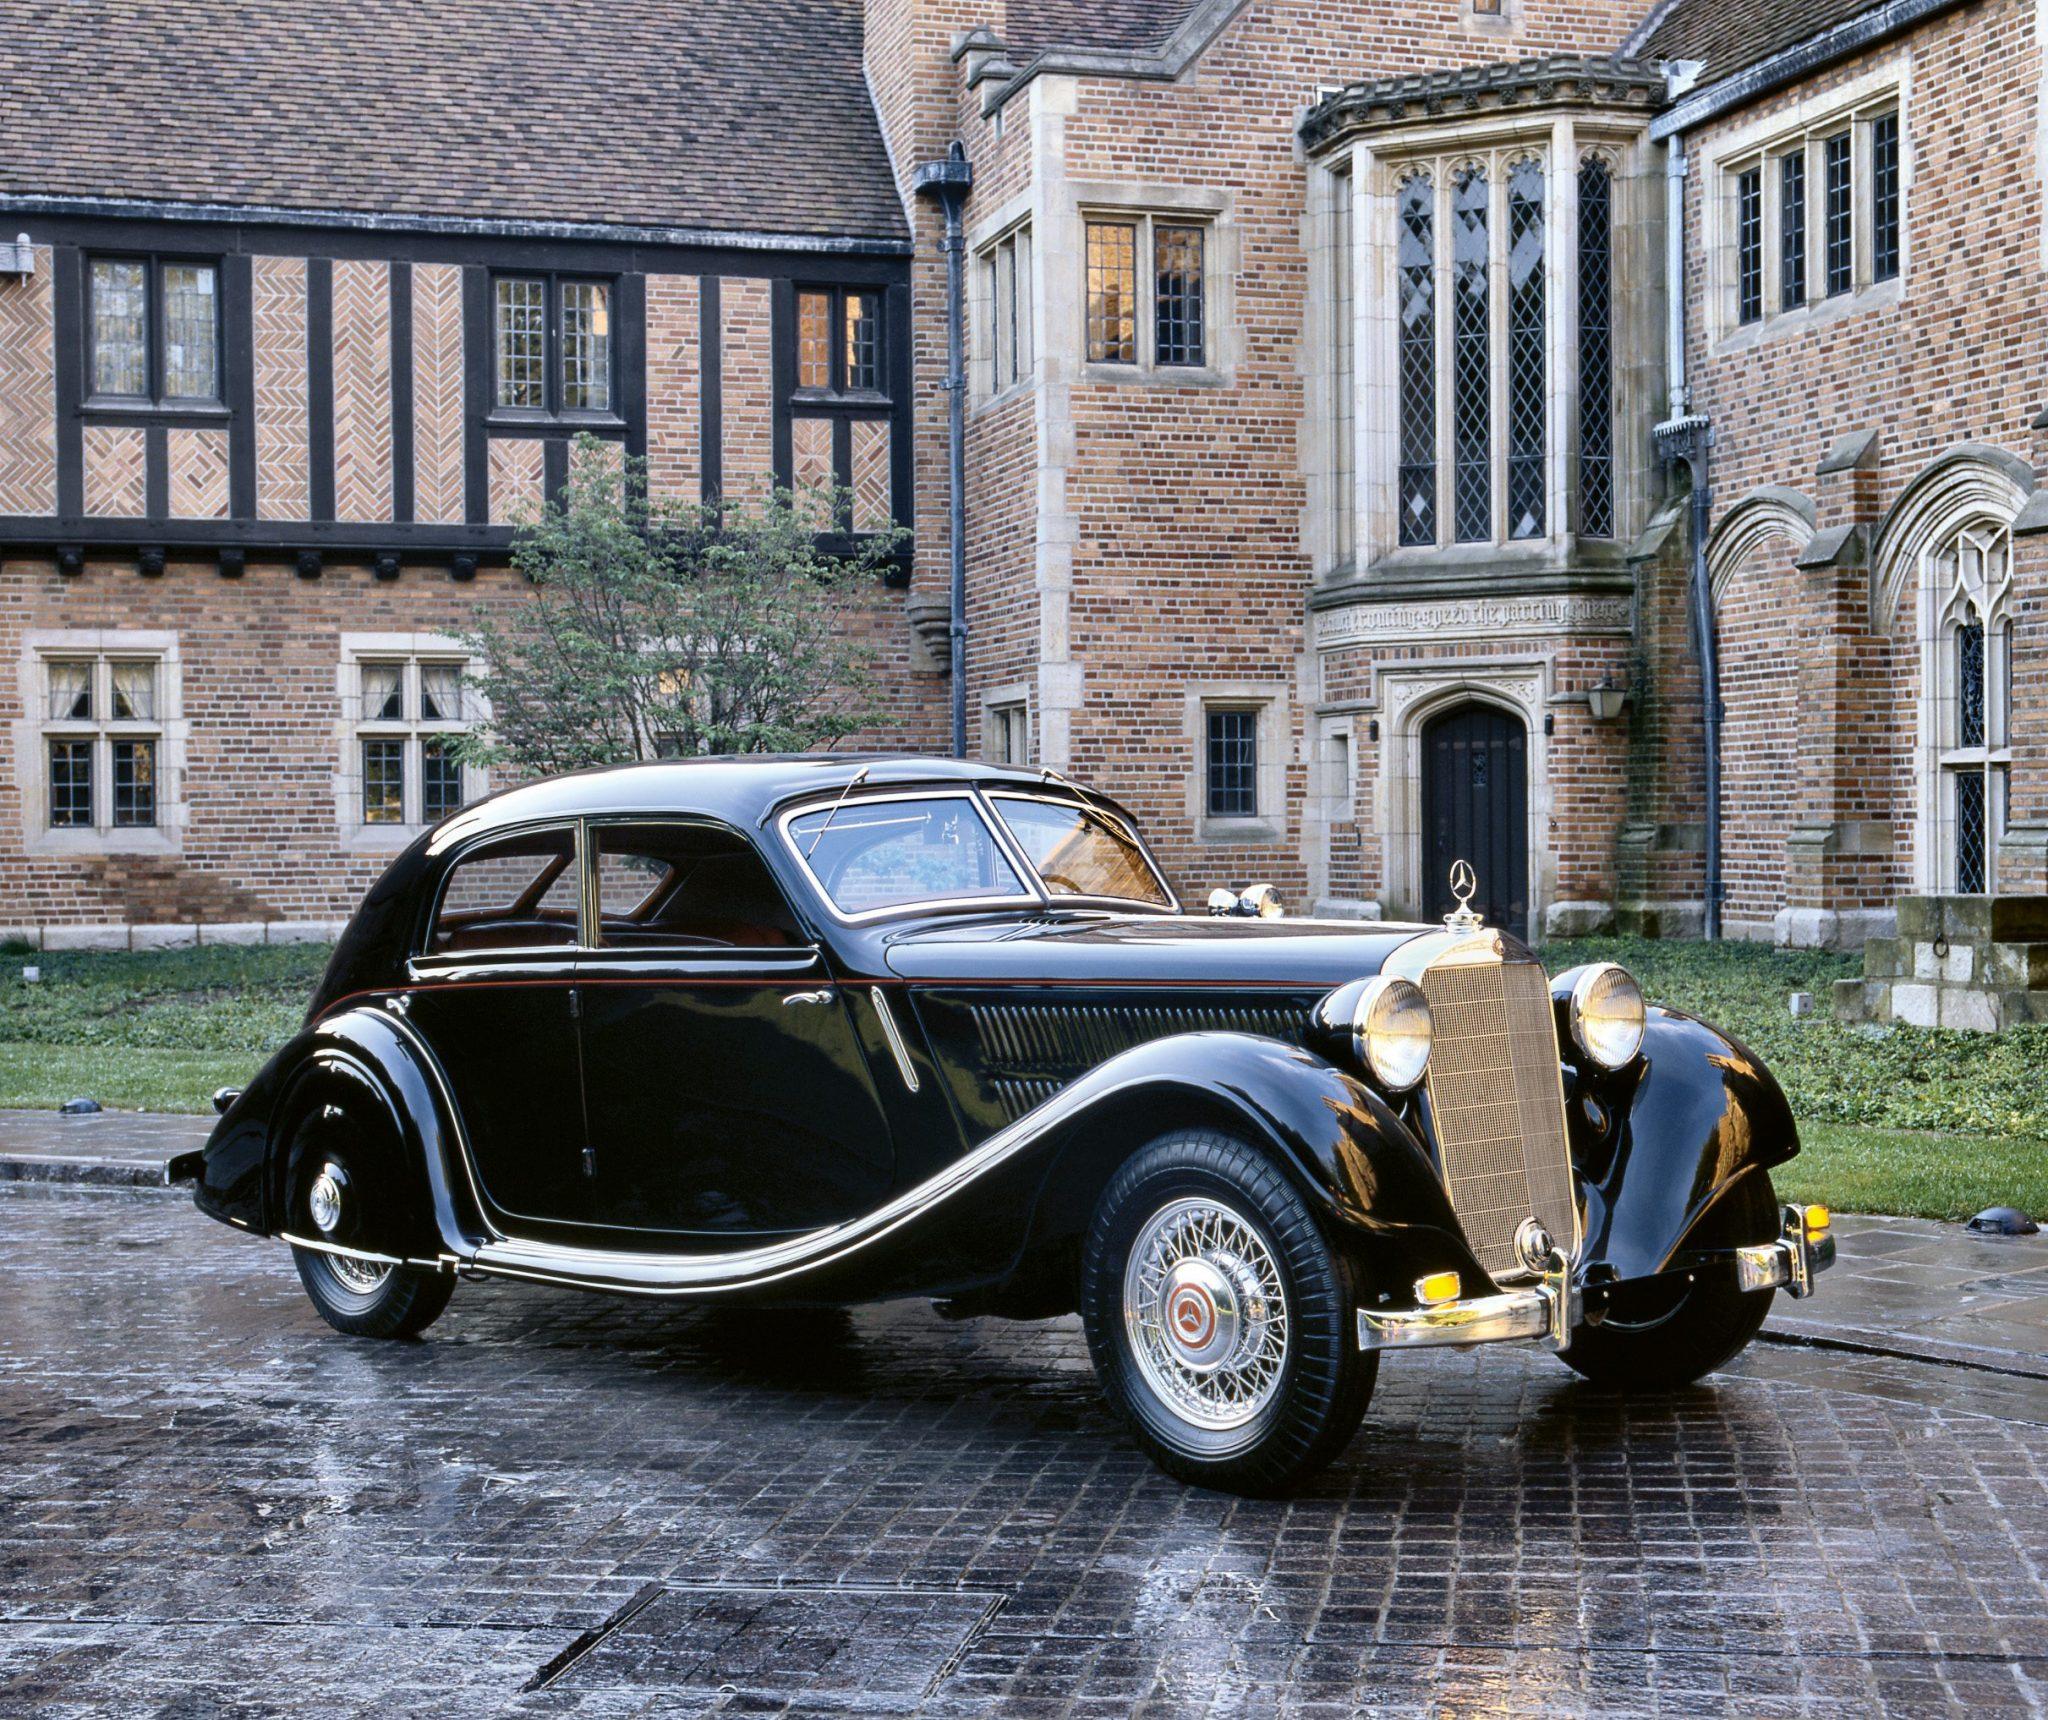 1939 Mecedes-Benz 320